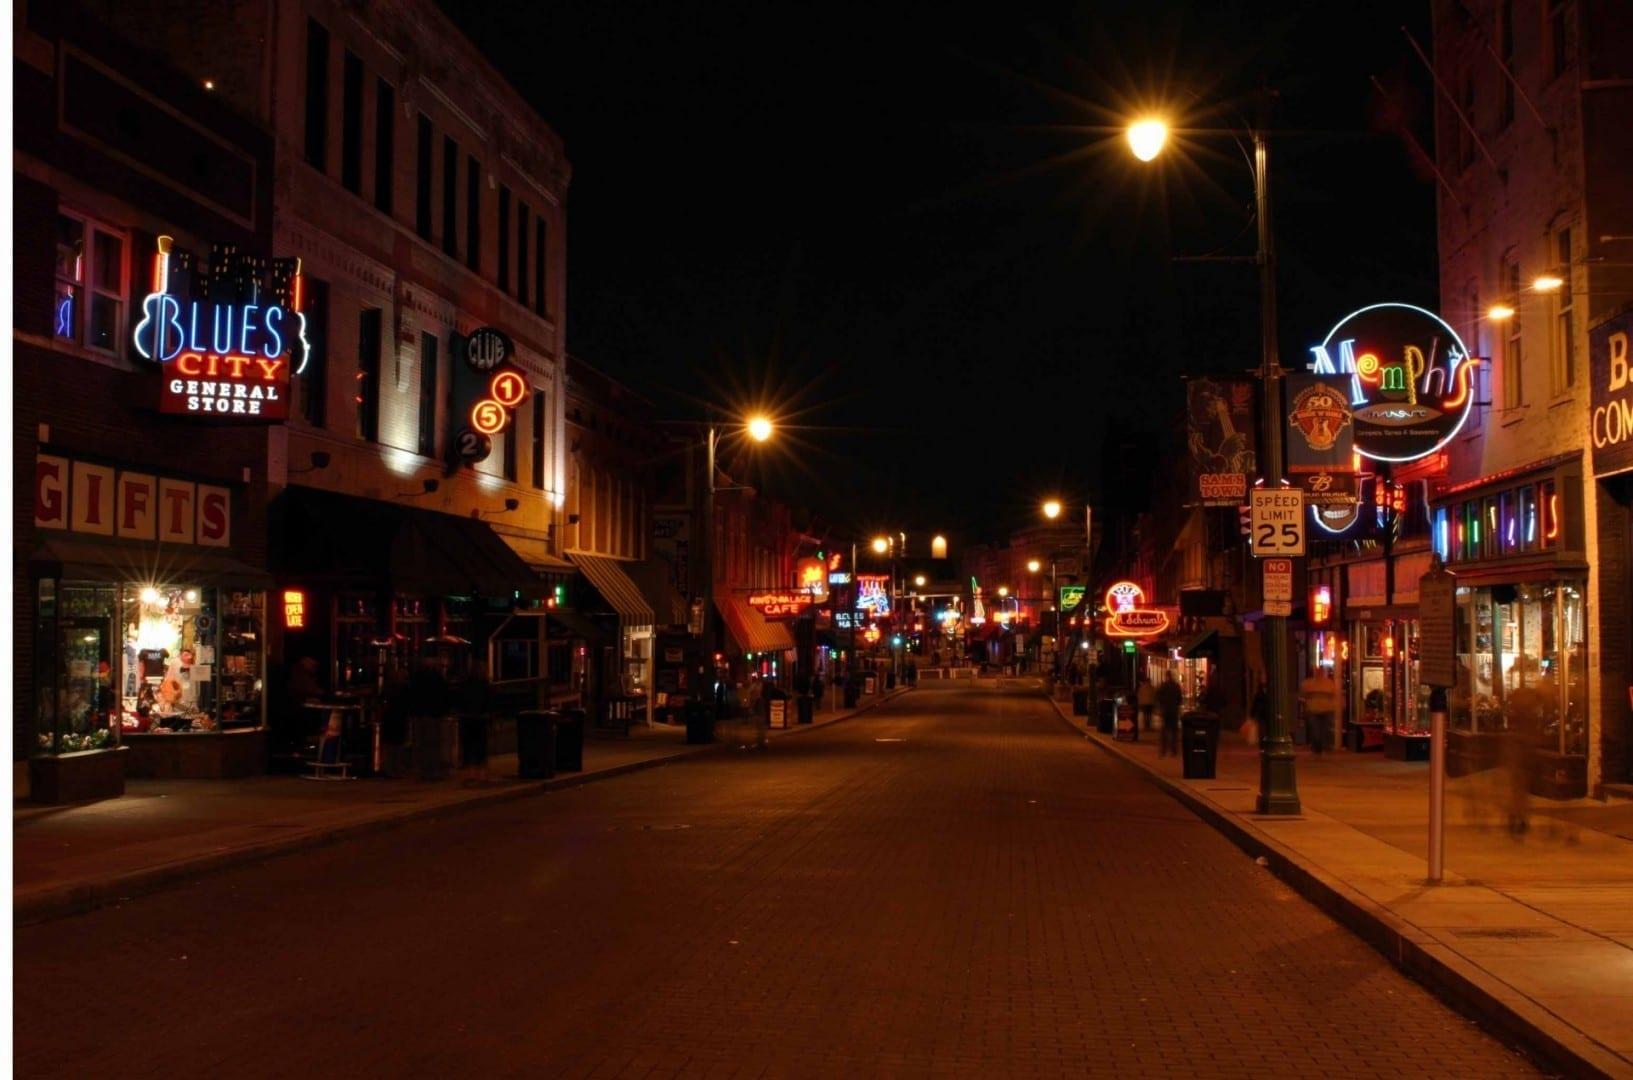 Una calle Beale vacía después de que los bares hayan cerrado Memphis (Tennessee) Estados Unidos